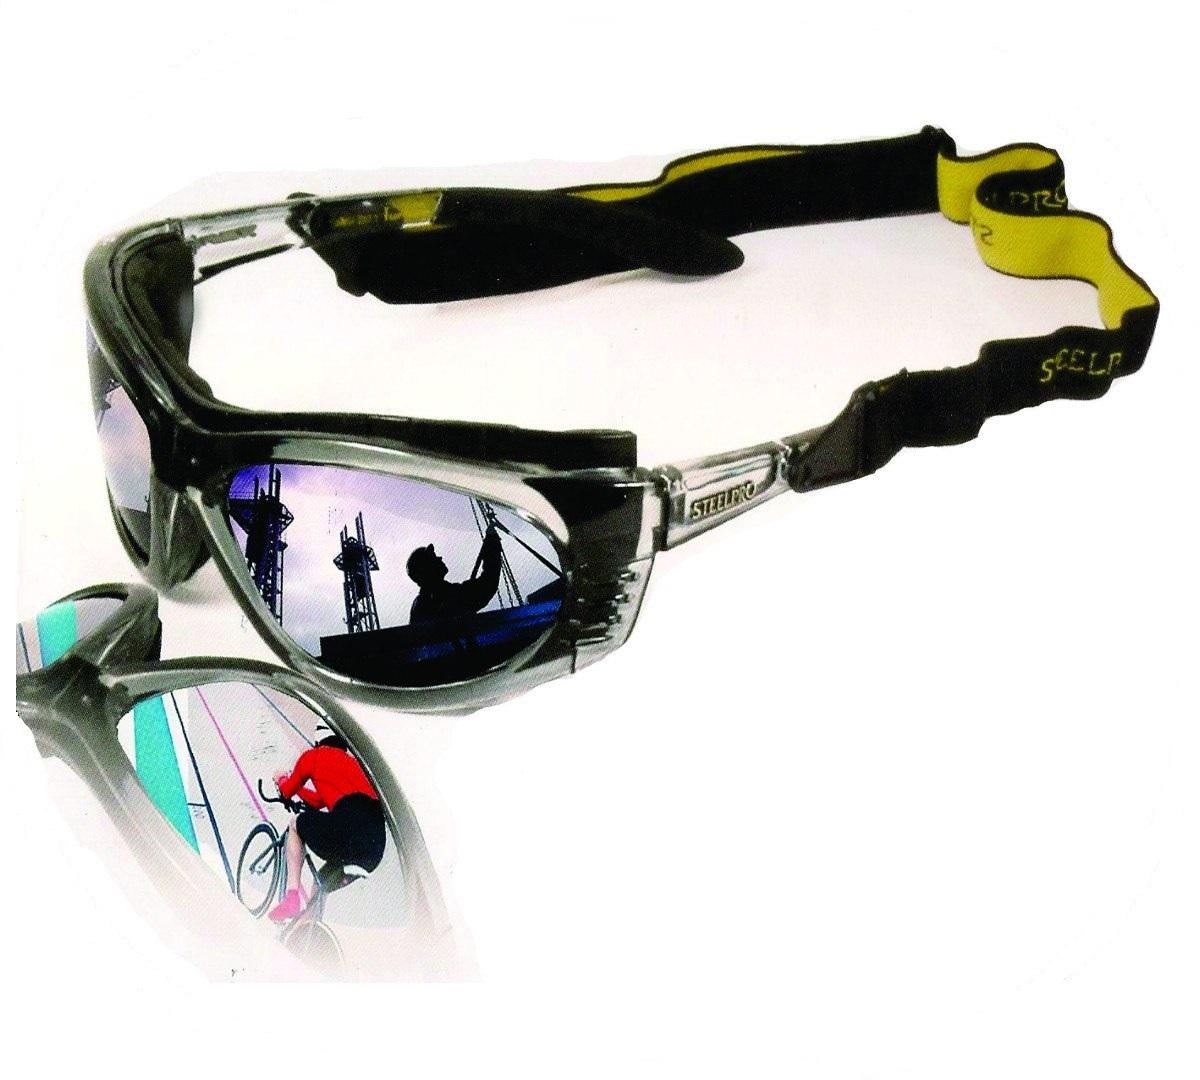 Óculos Steelpro Turbine Lente Escura Esportes  - Casafaz